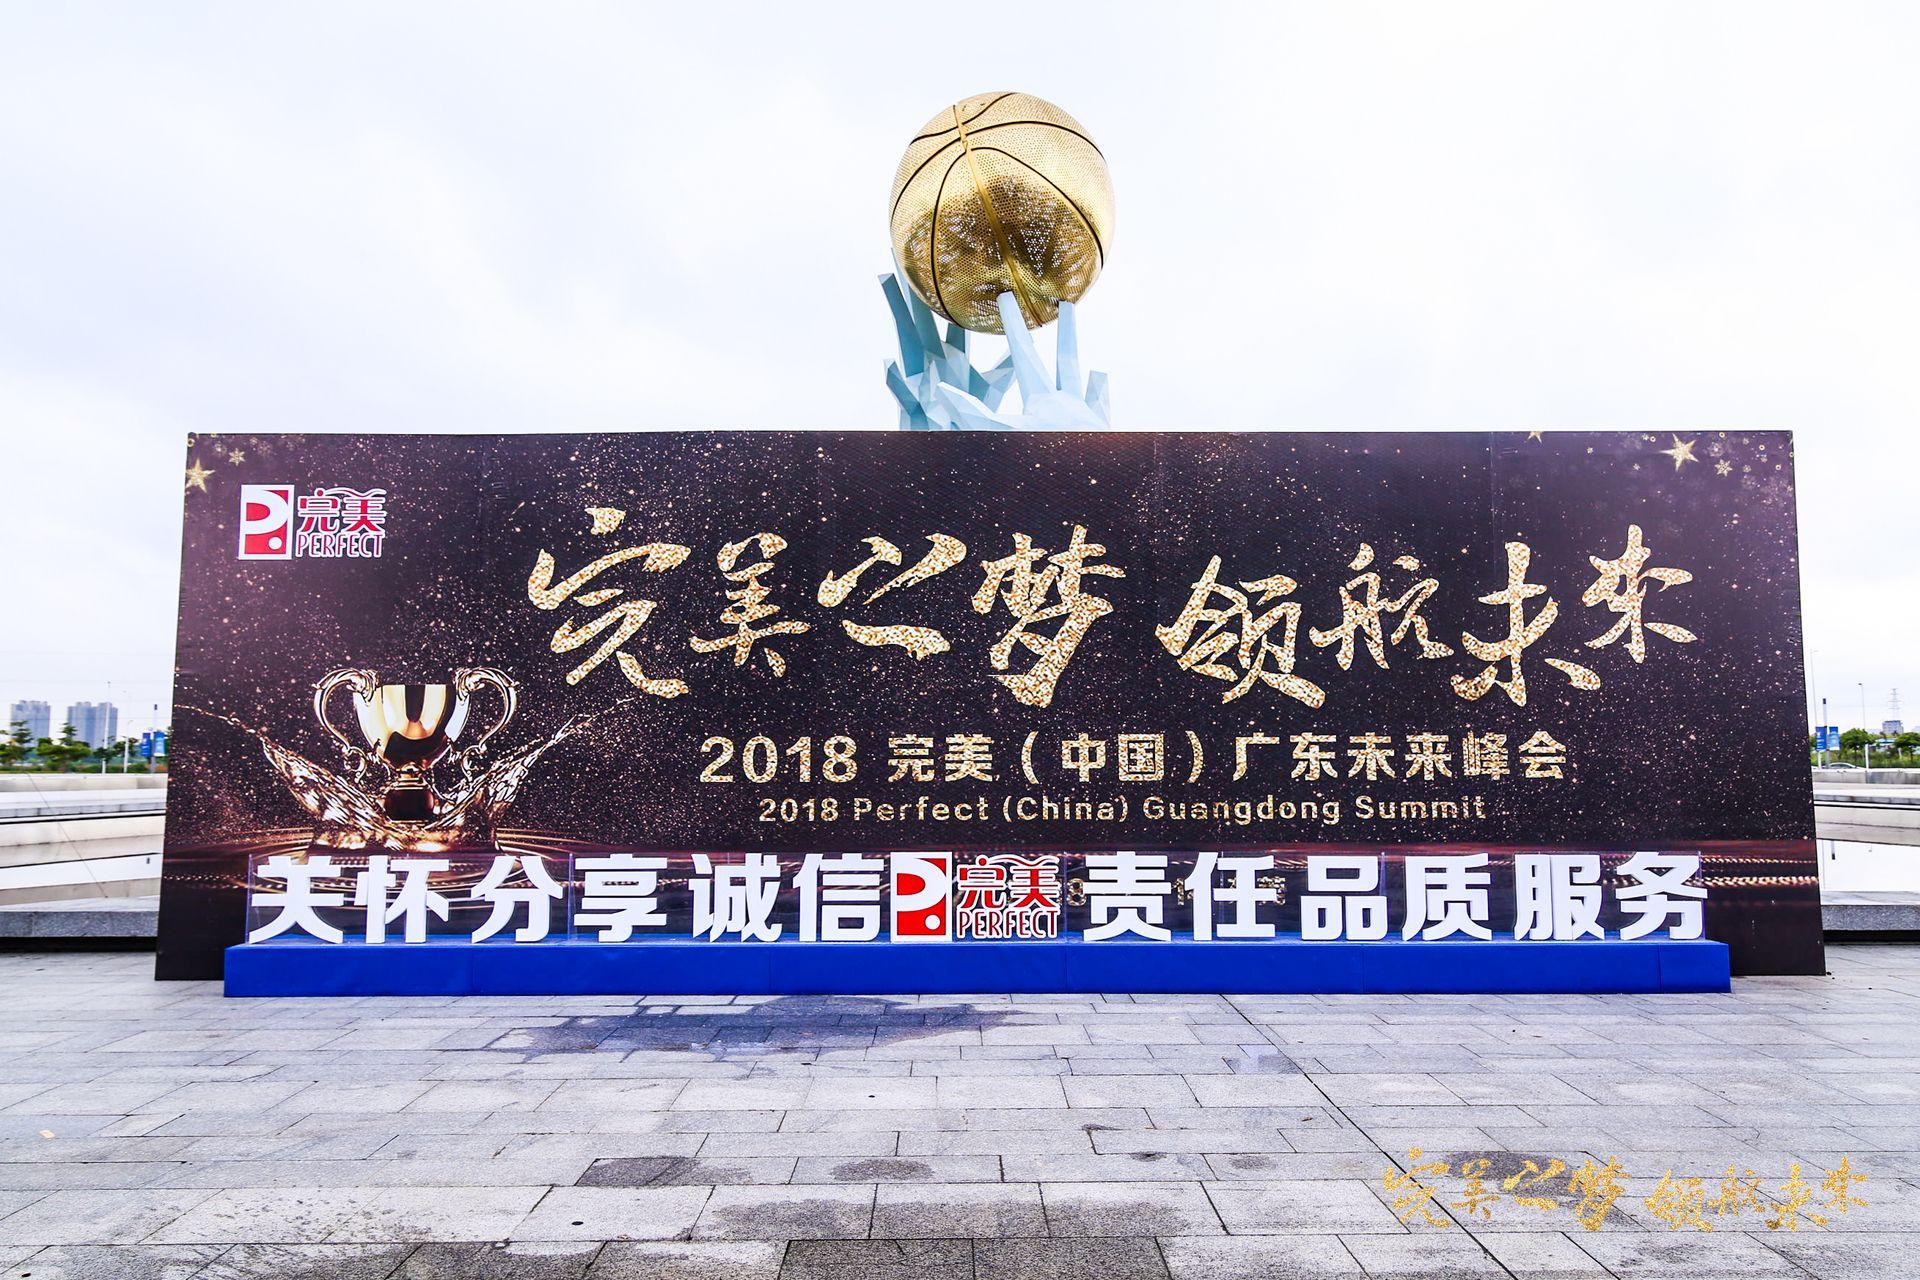 完美广东万人峰会